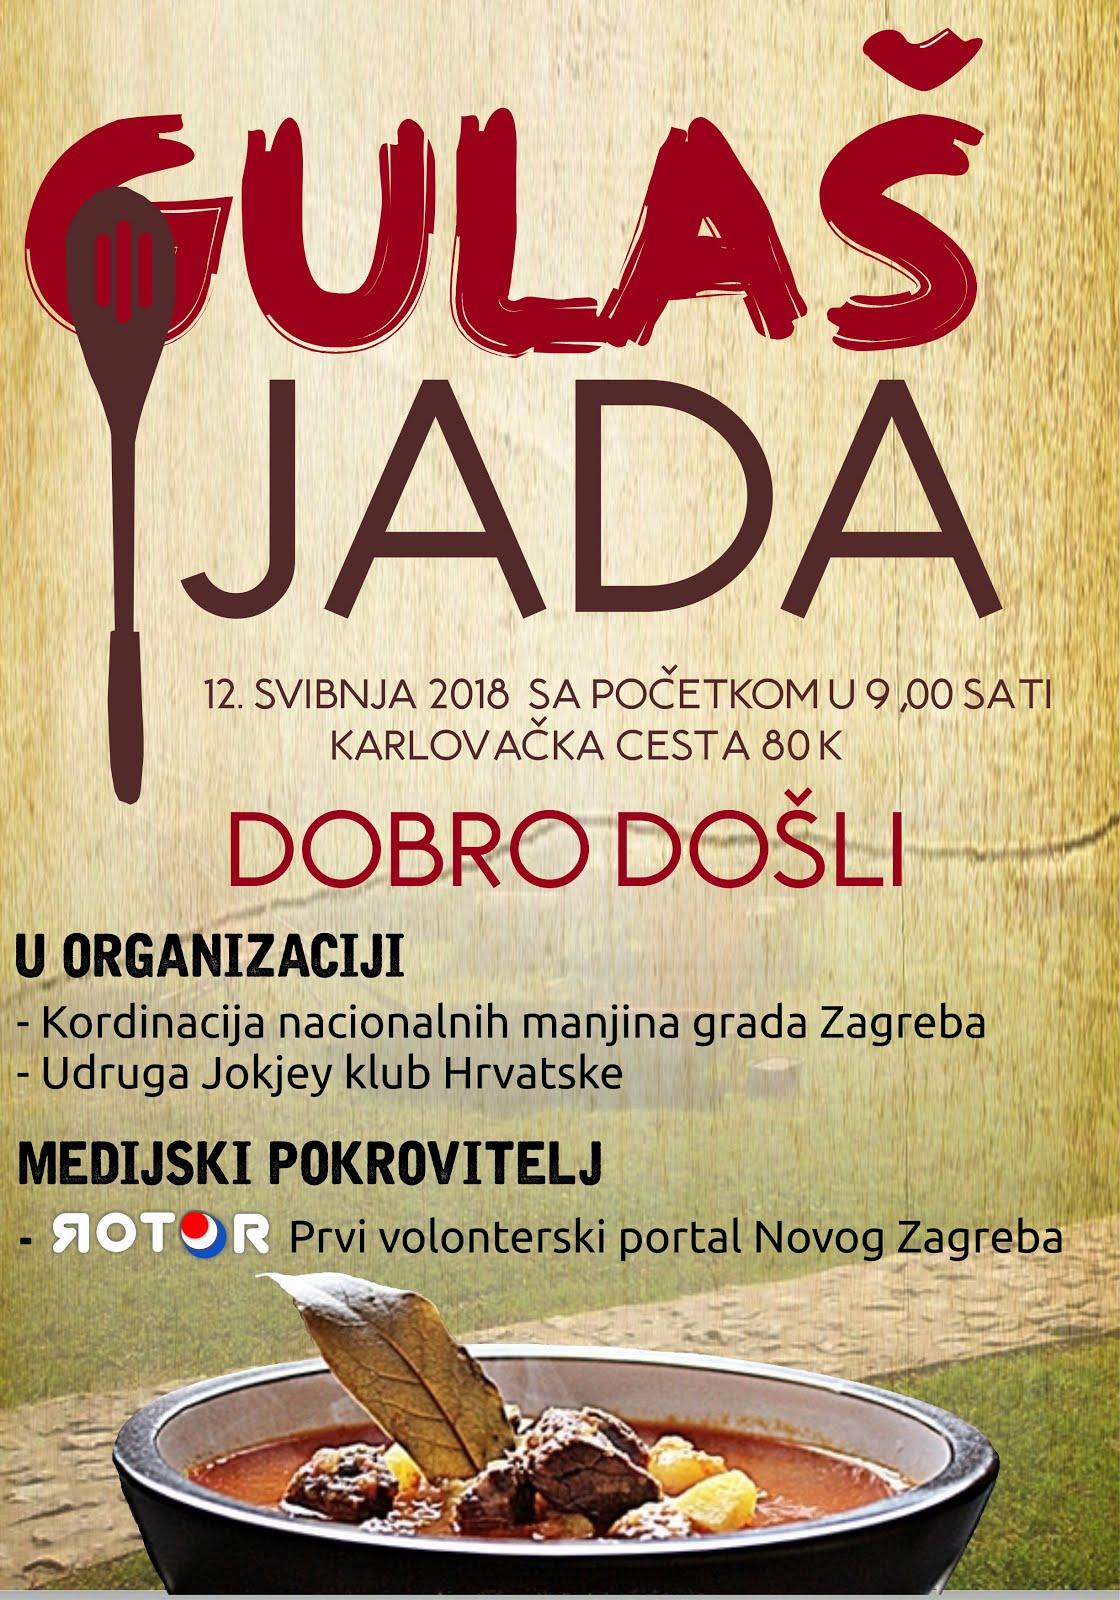 NAJVEĆA - GULAŠIJADA -  NOVOG ZAGREBU